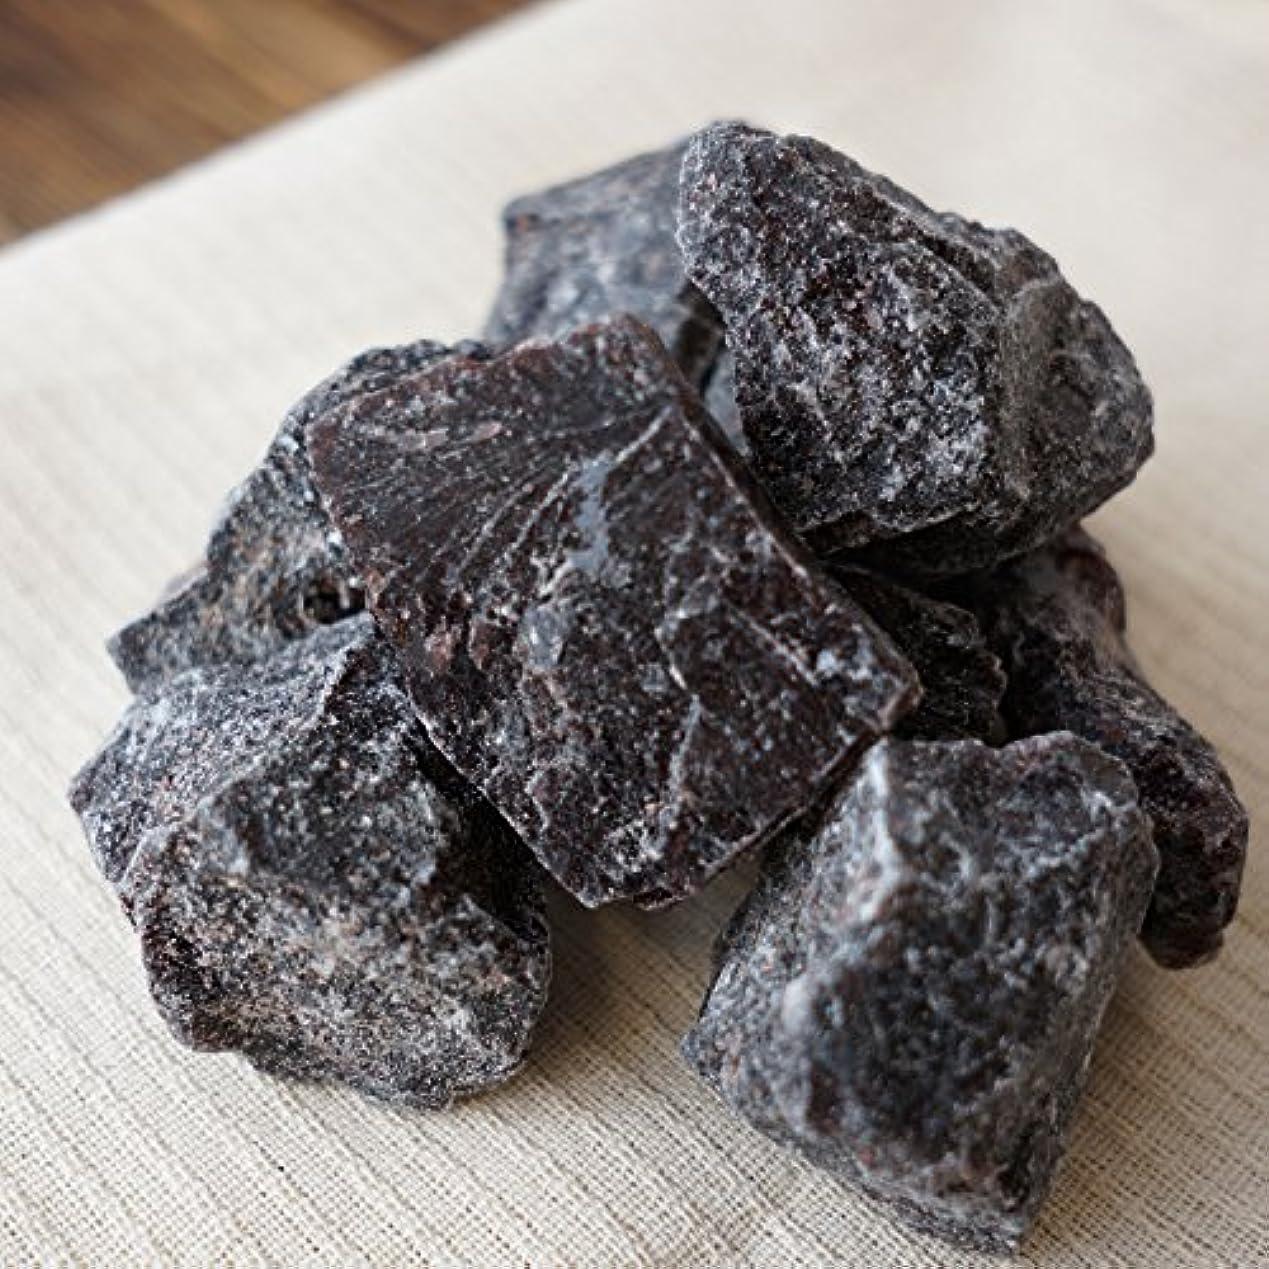 無効にする大きなスケールで見るとバトル希少 インド岩塩 ルビー ブロック 約2-5cm 10kg 10,000g 原料